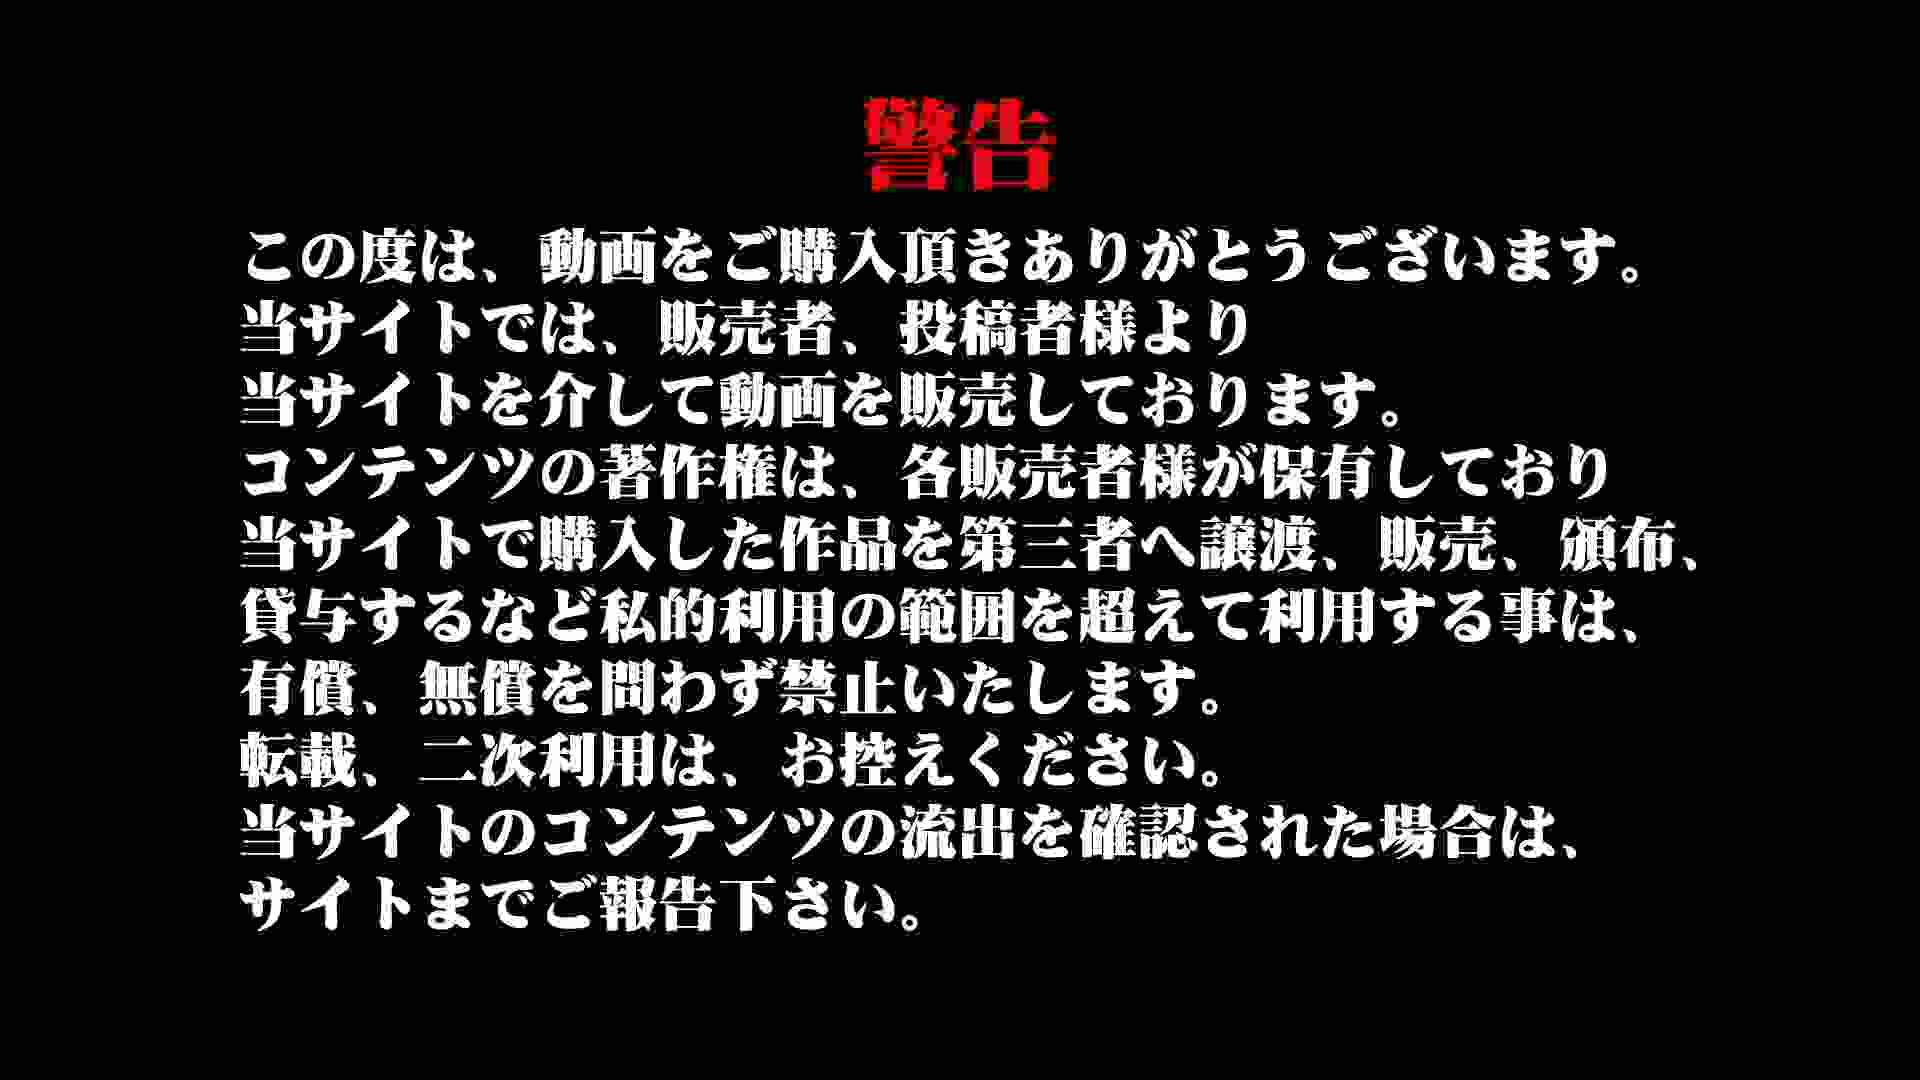 Aquaな露天風呂Vol.913 露天風呂   盗撮  68連発 1